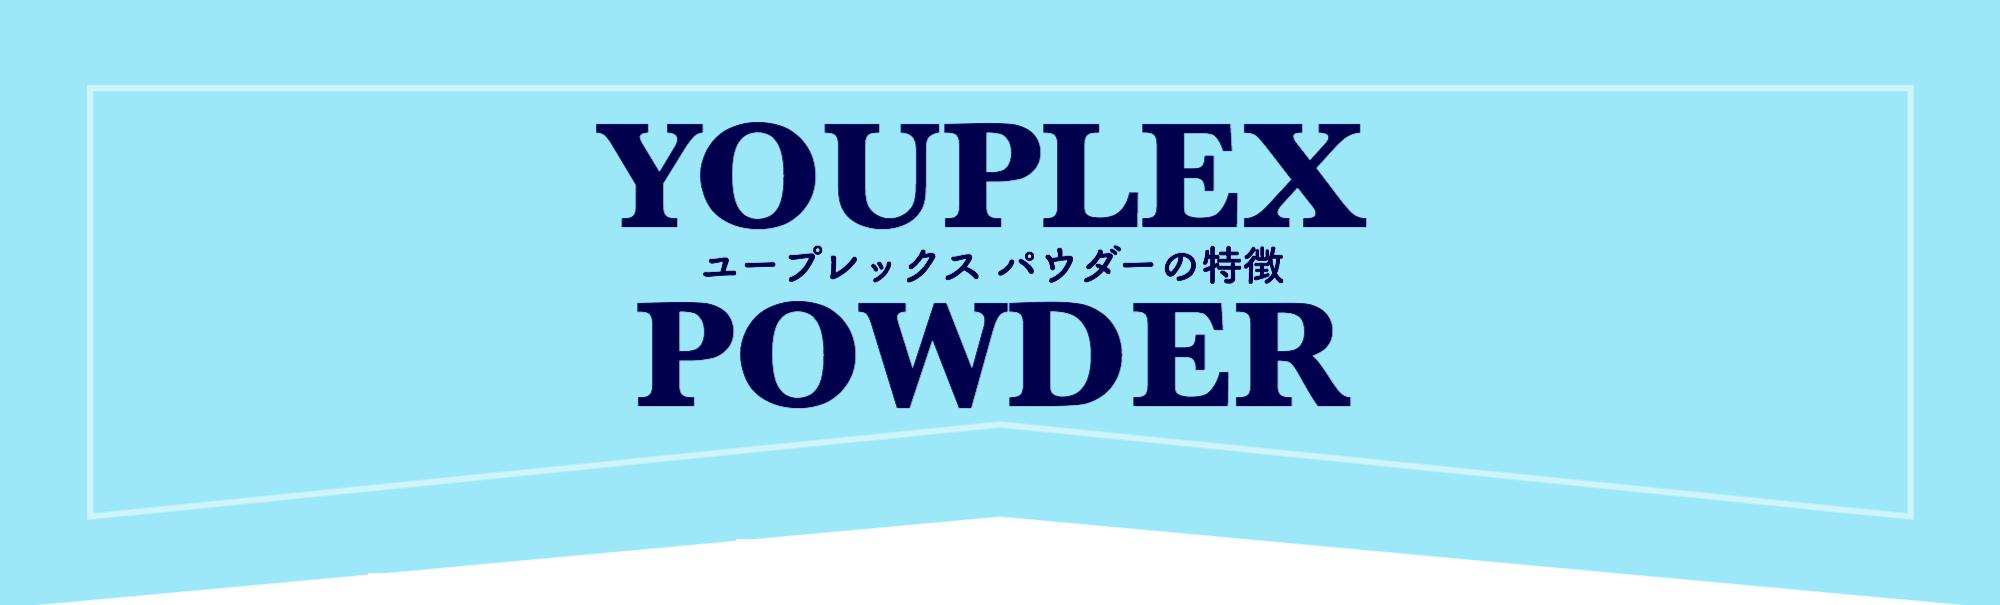 ユープレックスパウダーの特徴について